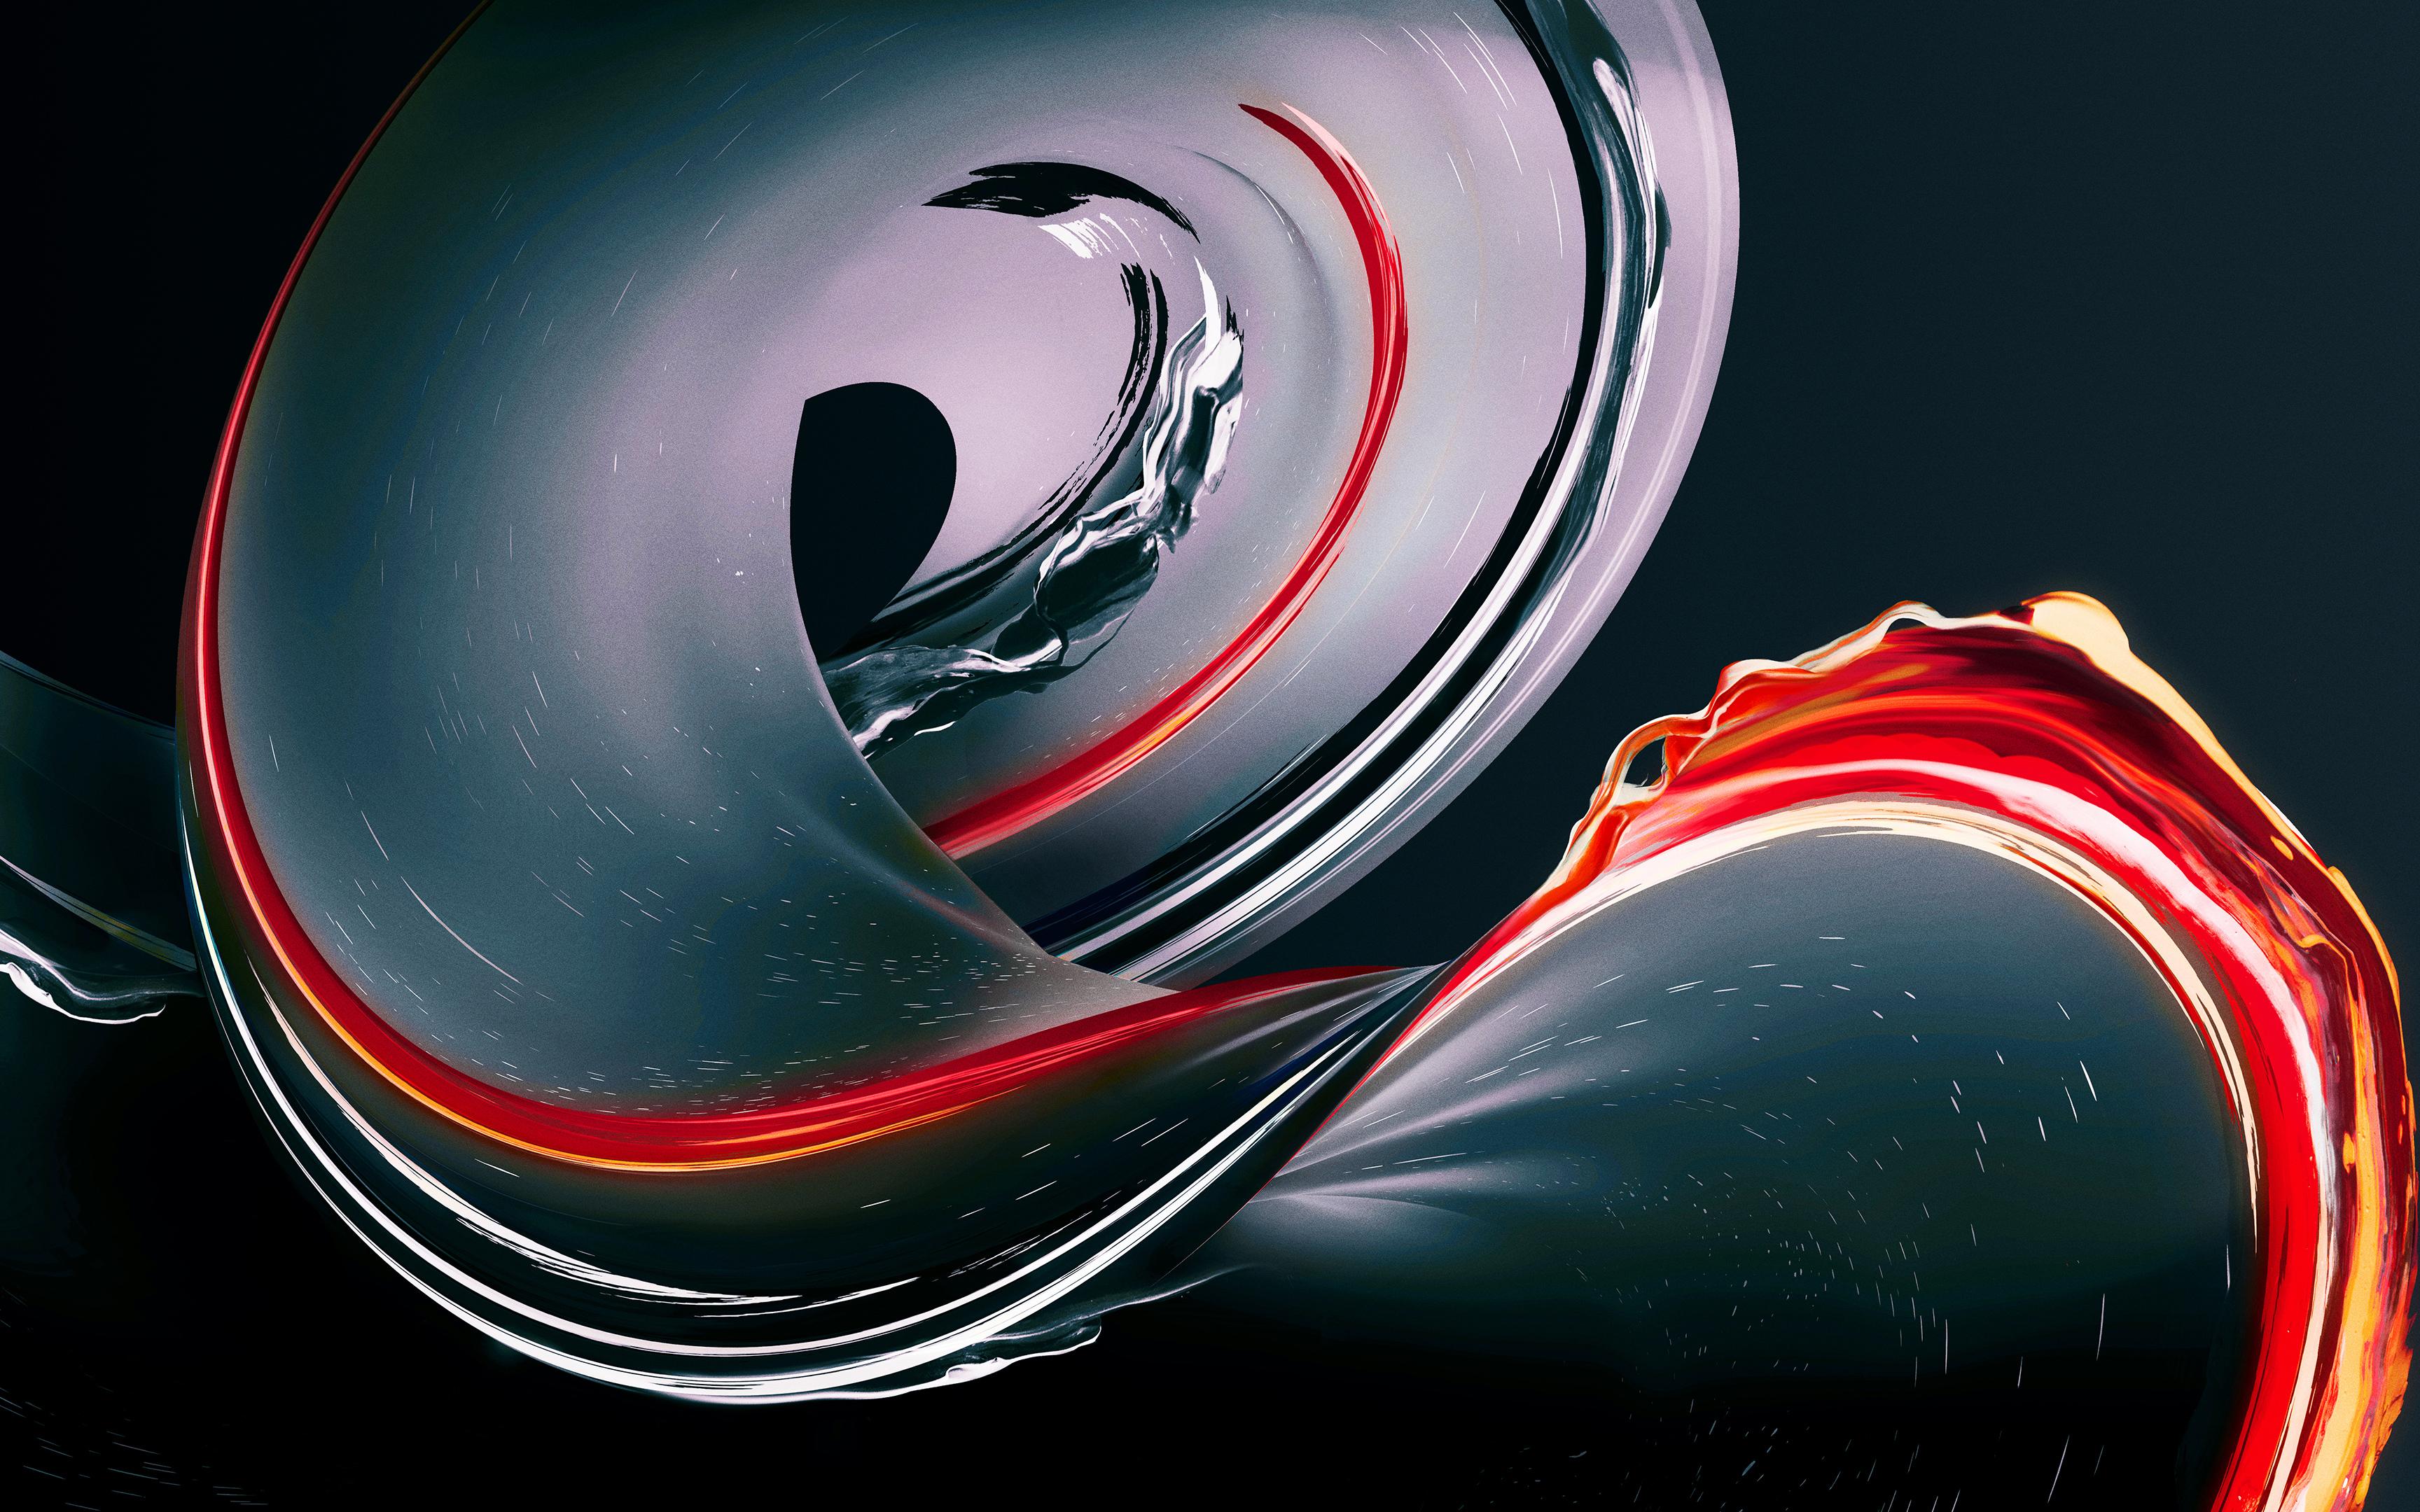 Oneplus 5t лава красное издание обои скачать